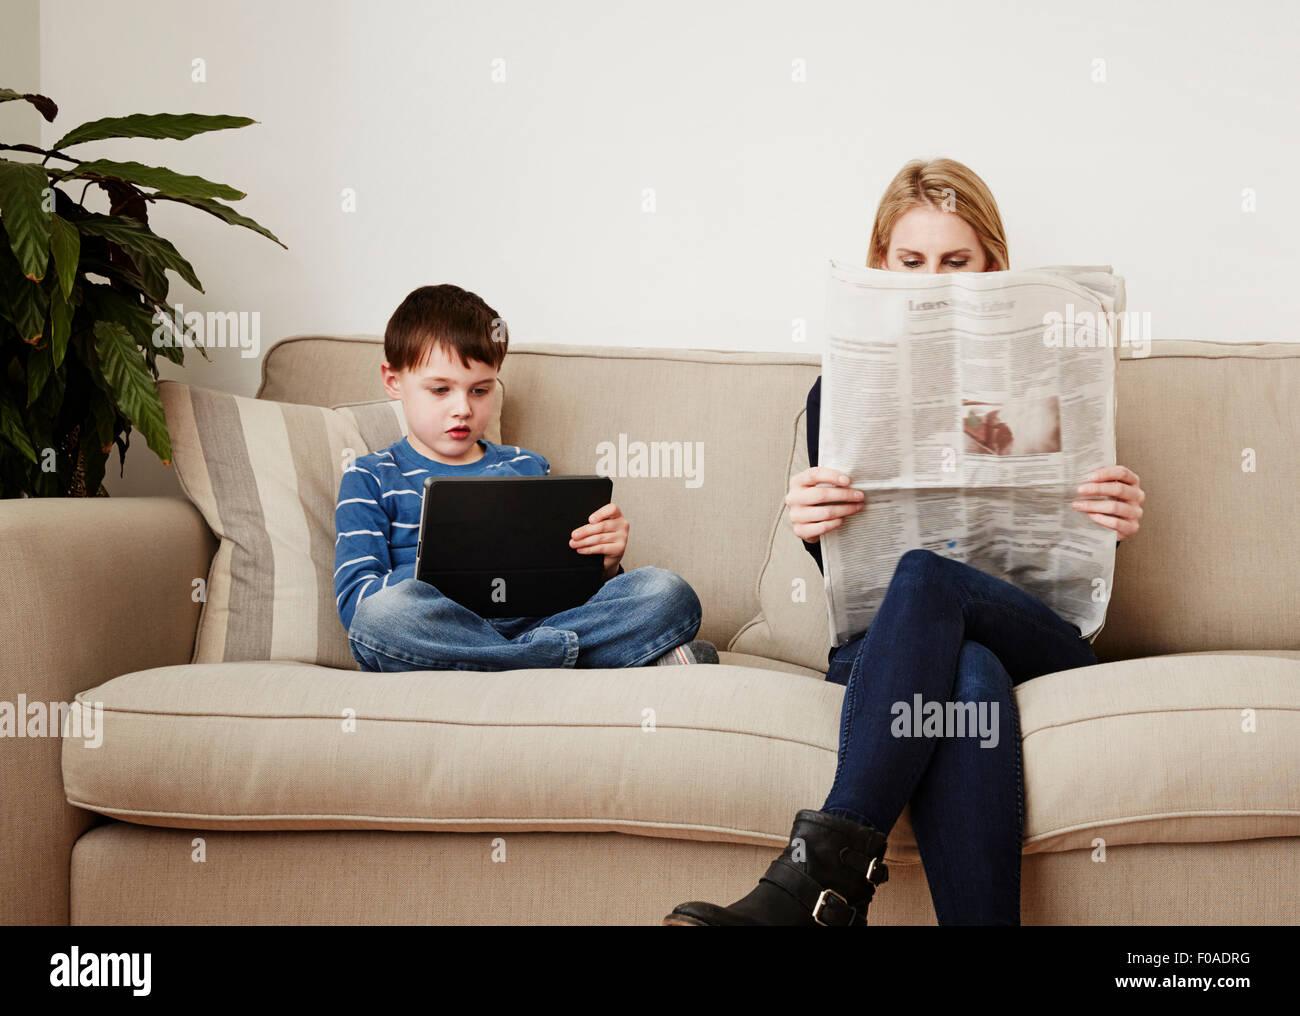 Joven utilizando tablet digital, madre la lectura de periódicos Foto de stock